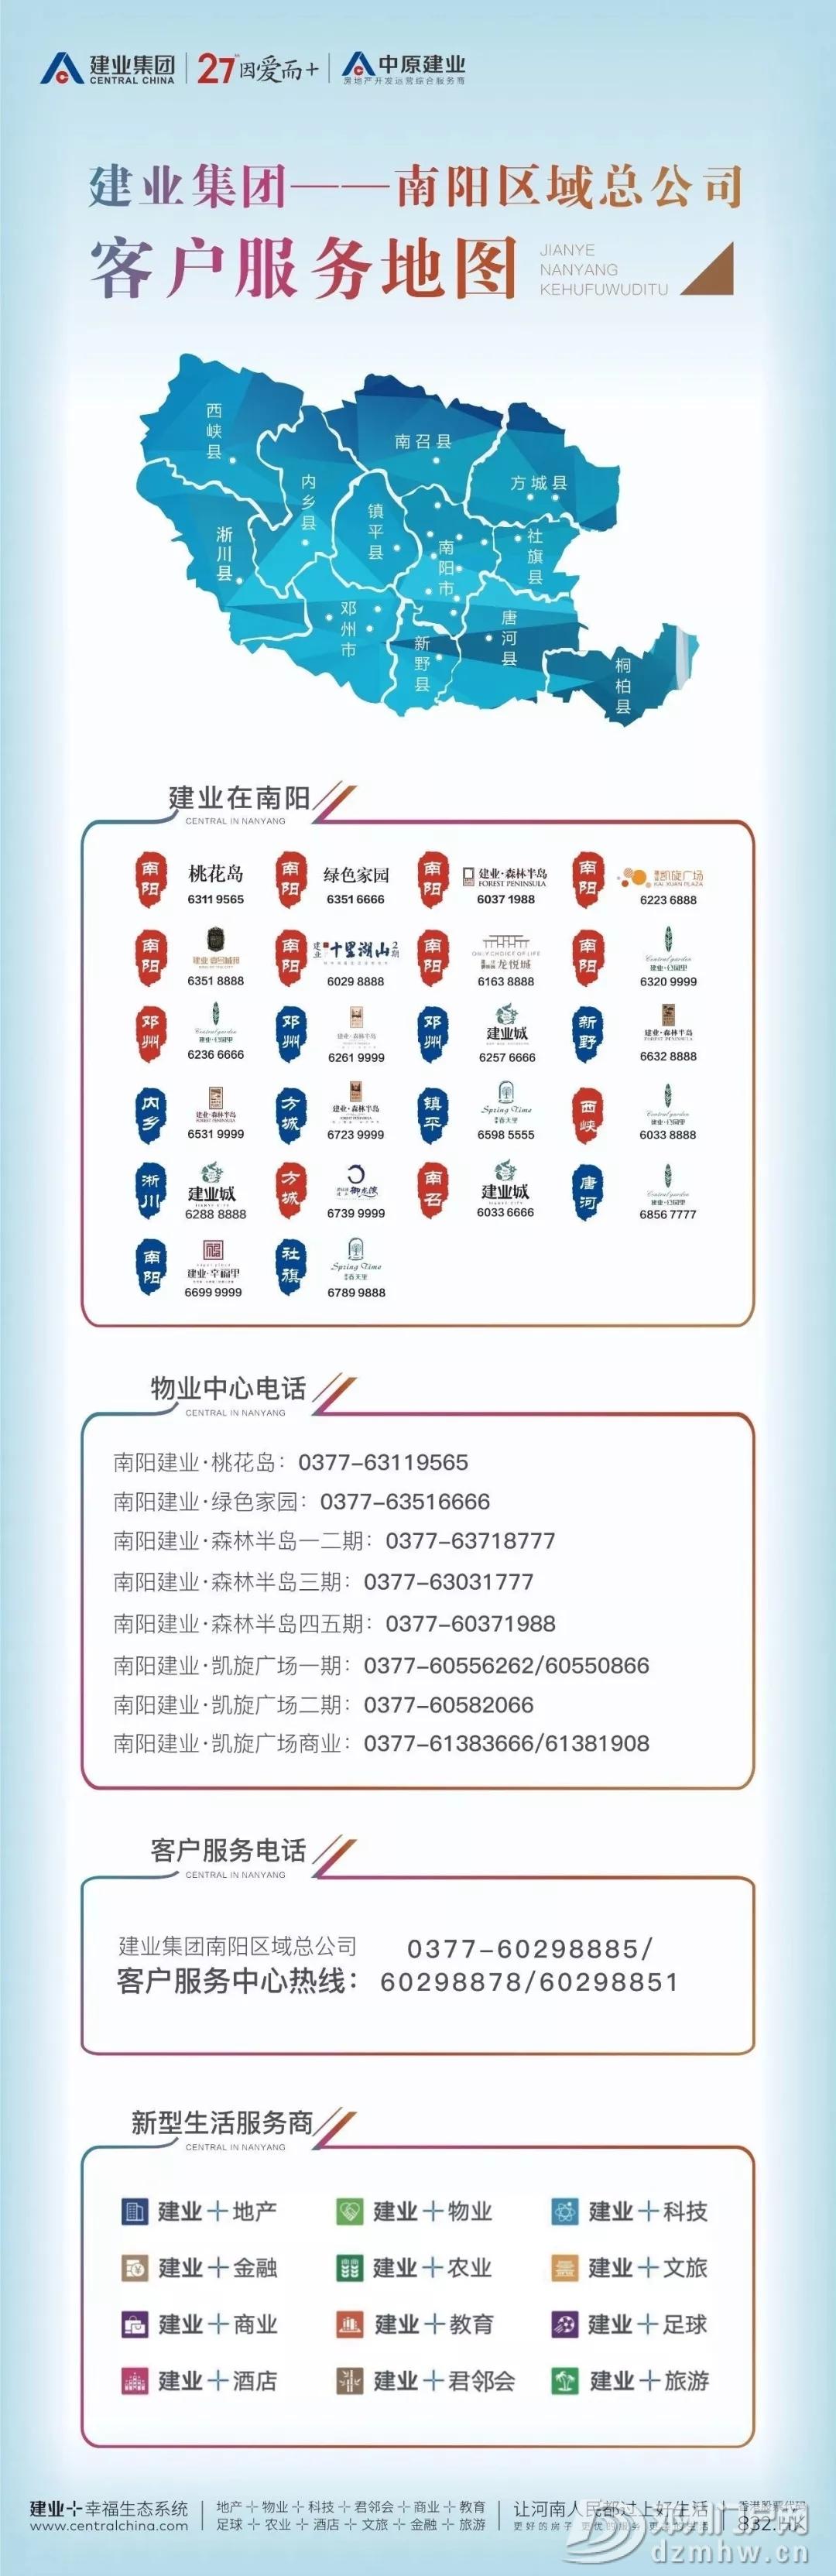 邓州建业·公园里 | 社区配套再升级,献给大人物的至高礼遇 - 邓州门户网|邓州网 - 640.webp58.jpg